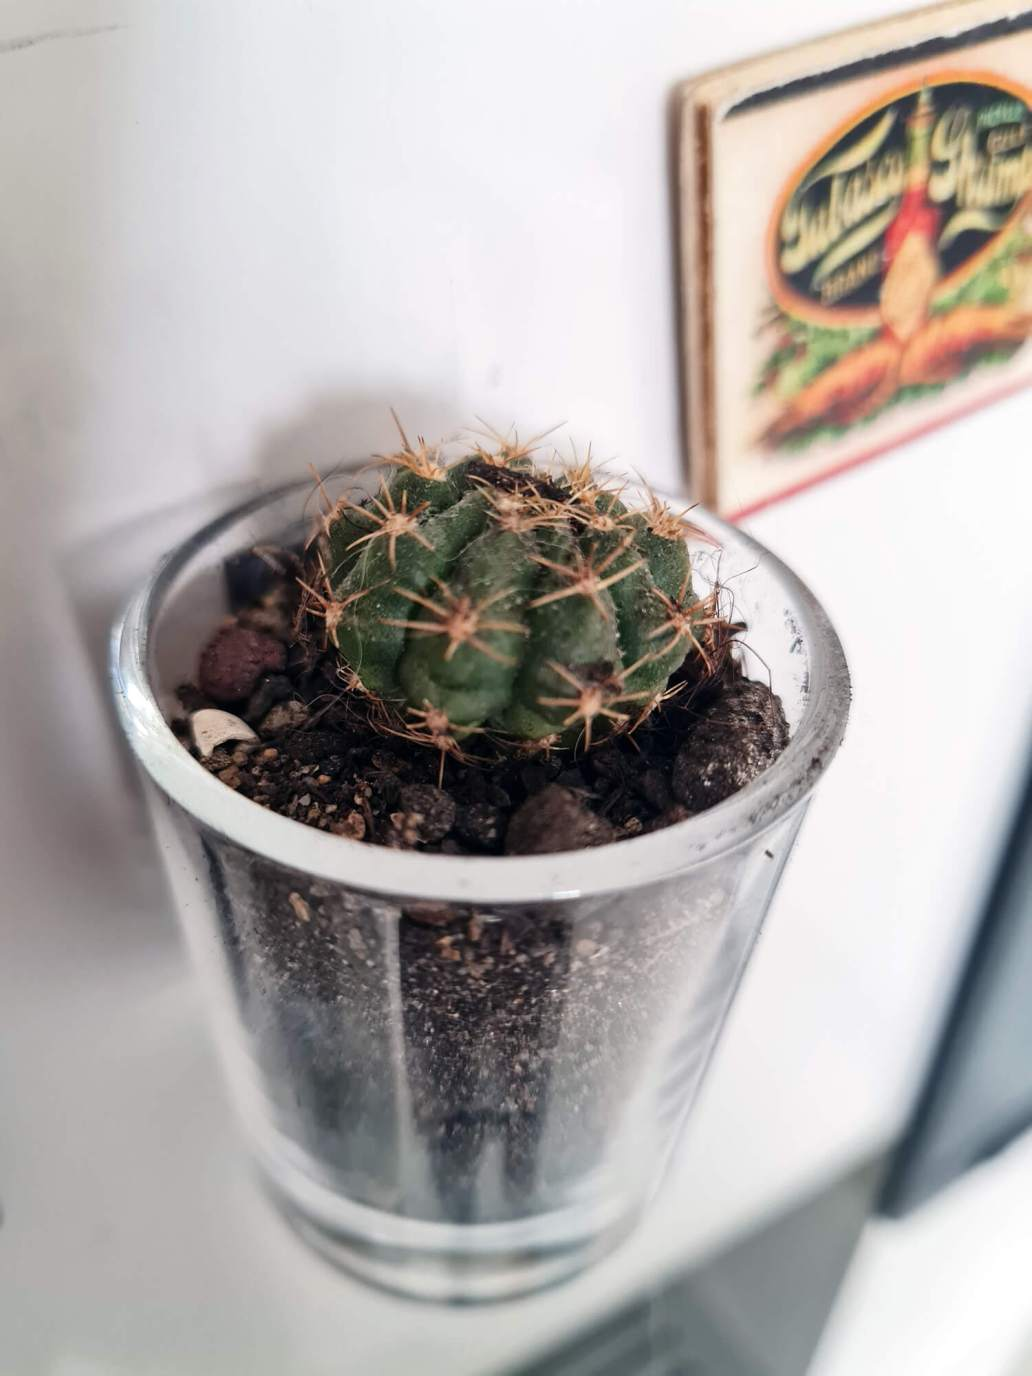 20210203 121900 - DIY cuisine : fabriquer des magnets cactus pour le frigo